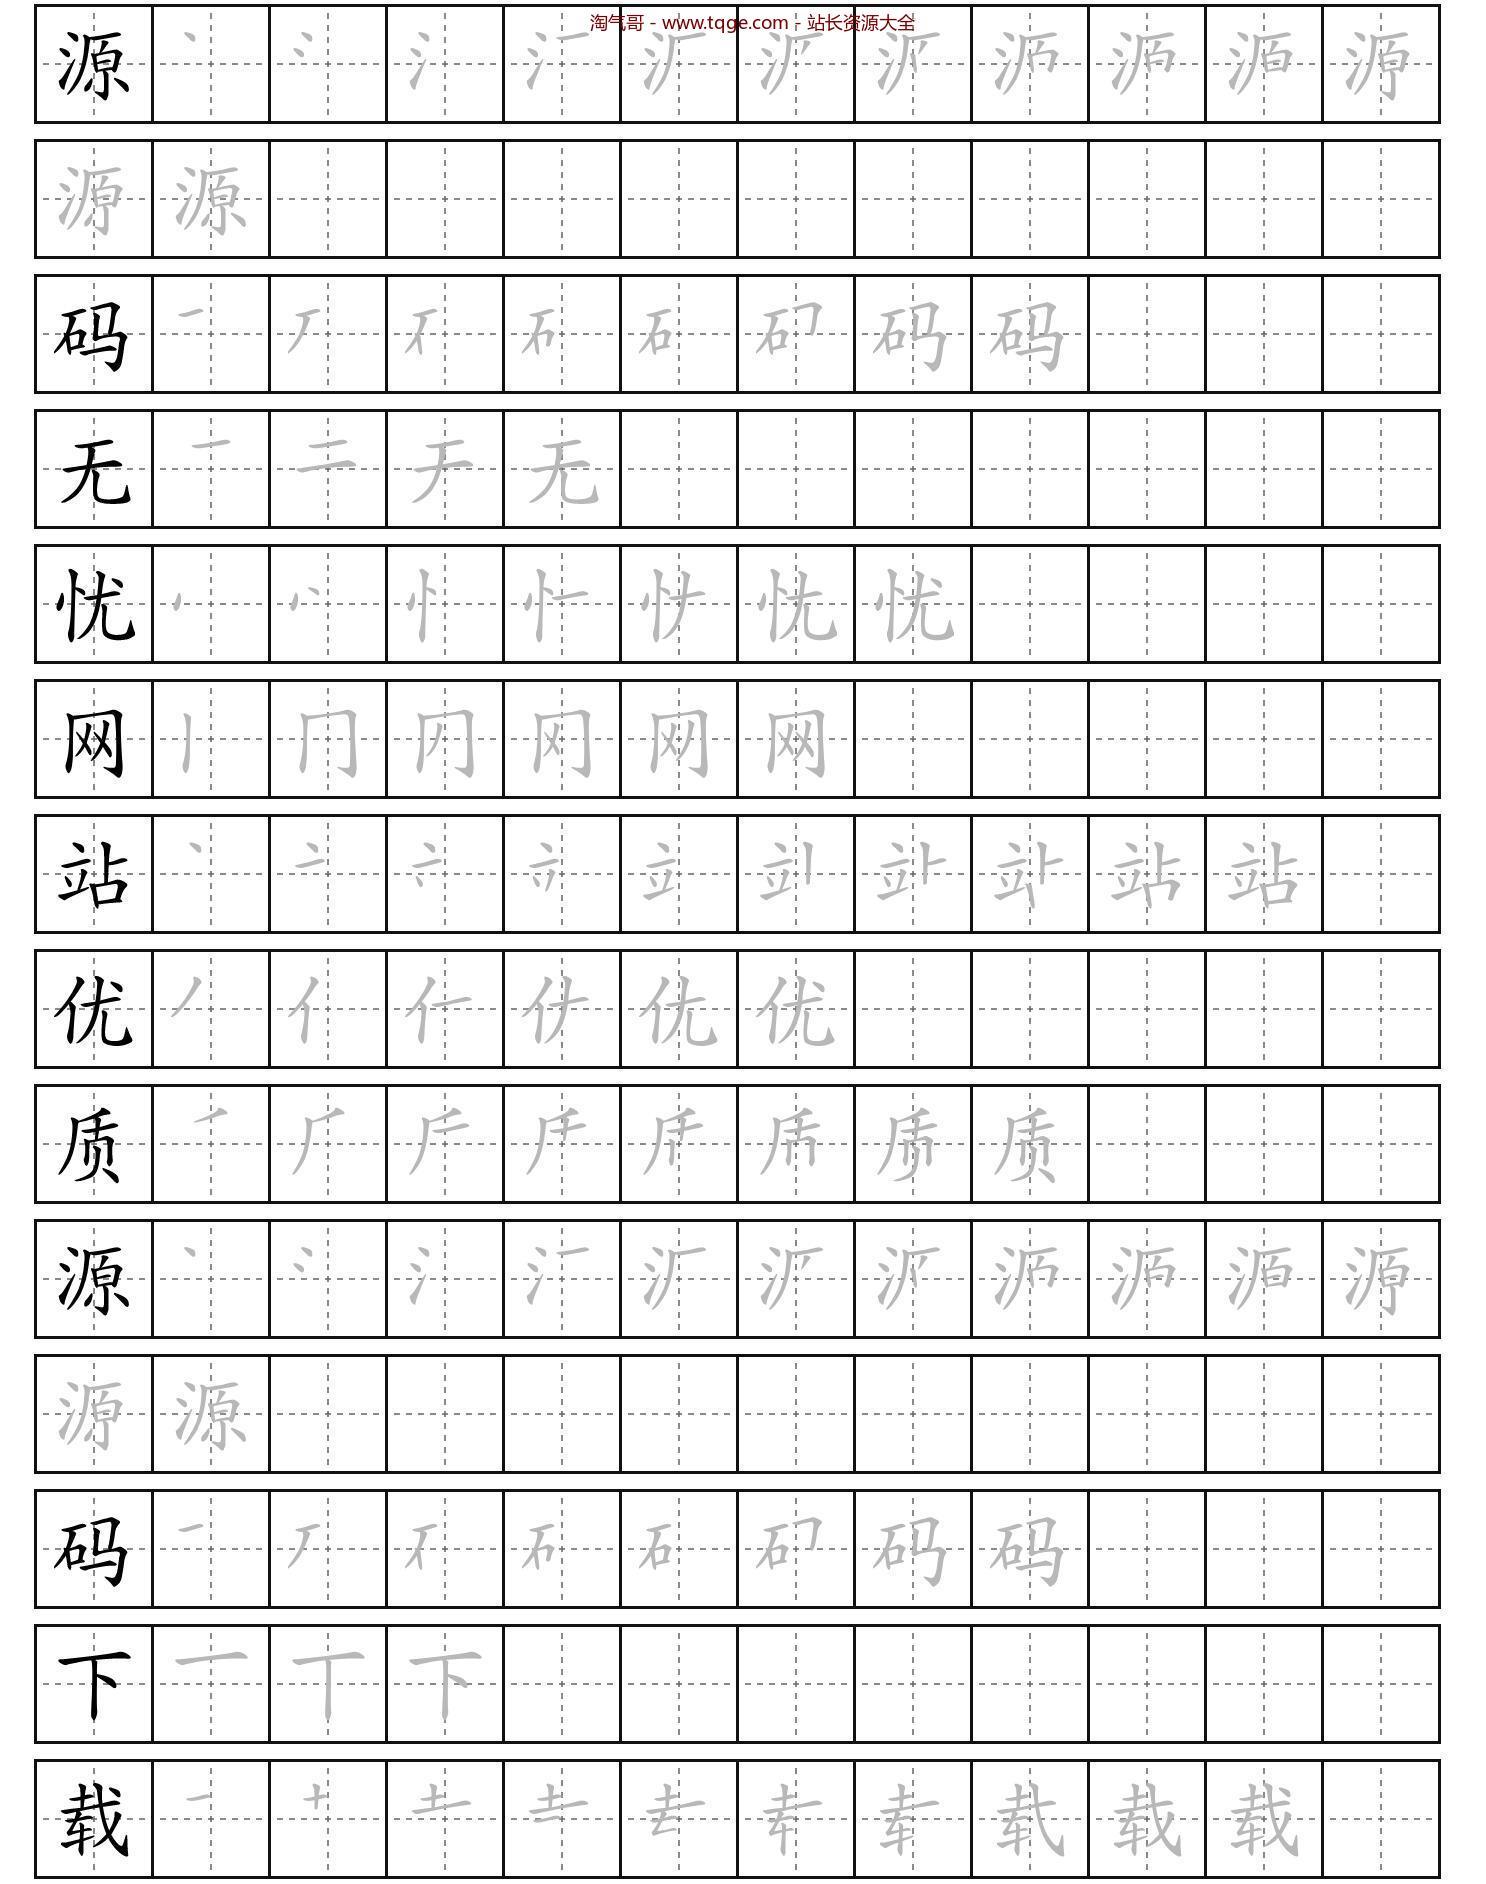 【已测源码】php开发汉字笔顺字帖在线生成器程序源码 会员   推广   查询 第1张